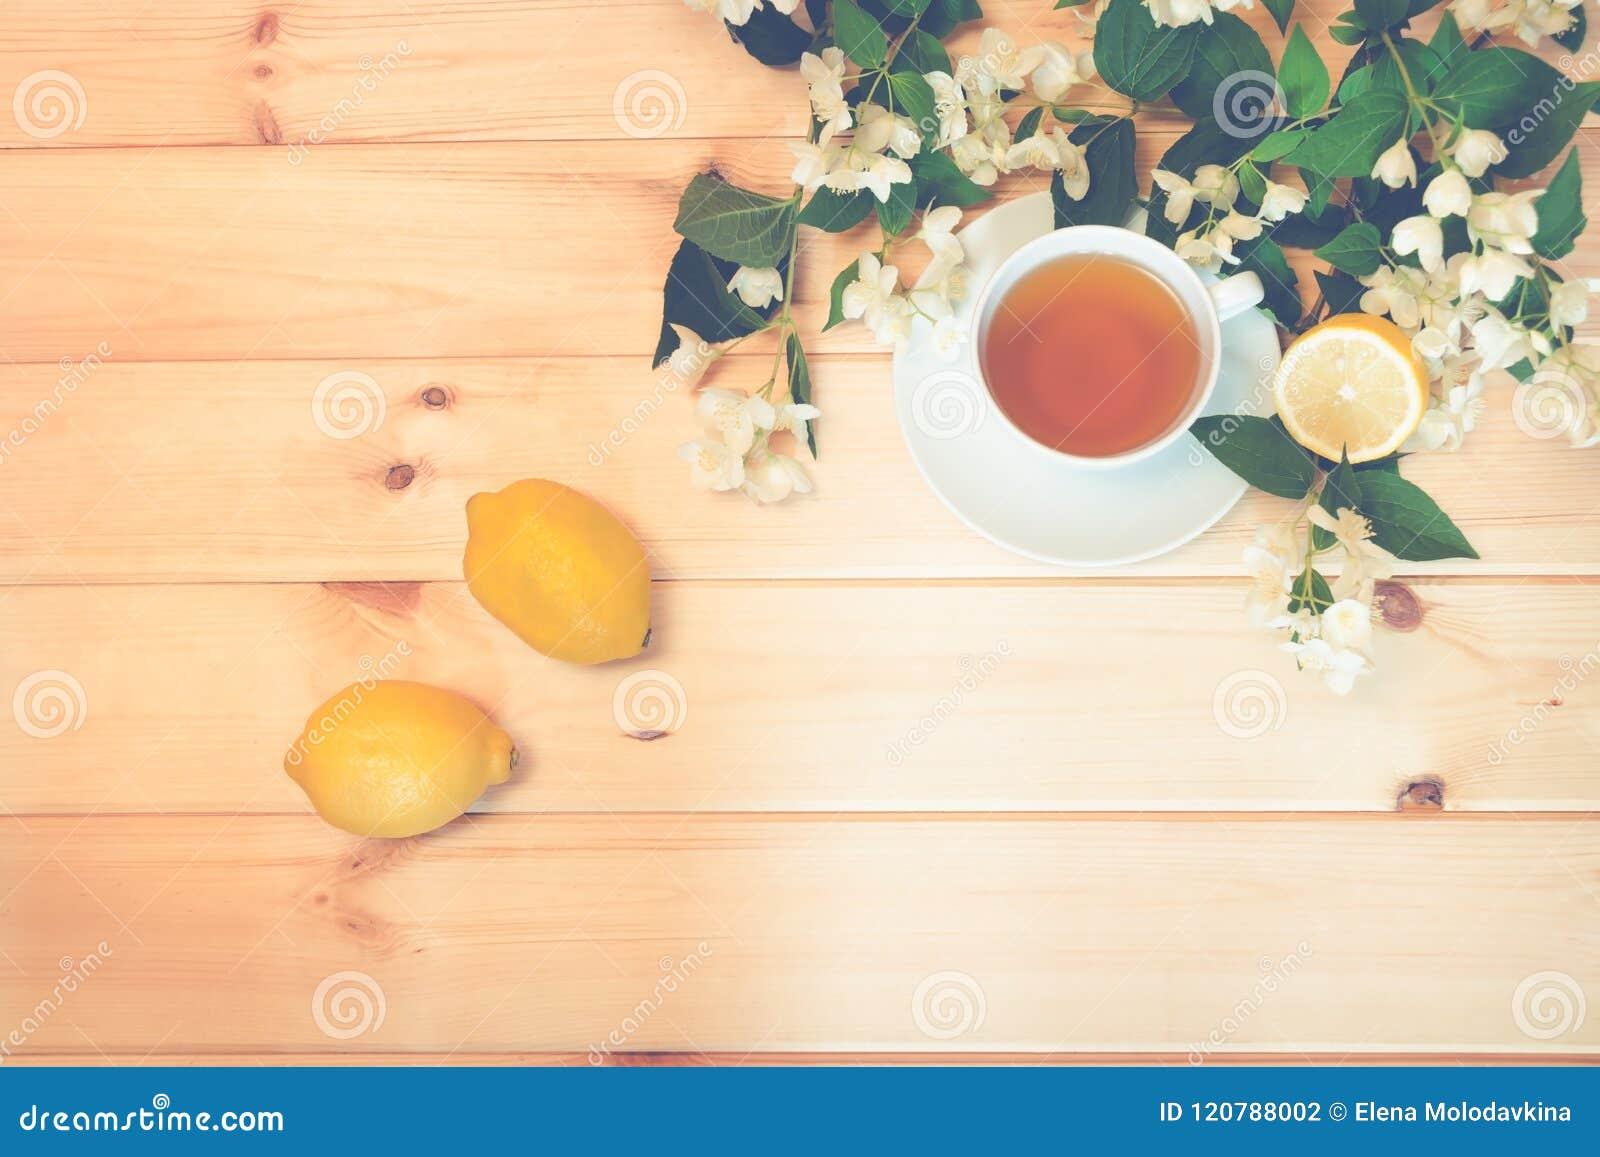 在木背景的绿茶、柠檬和茉莉花花